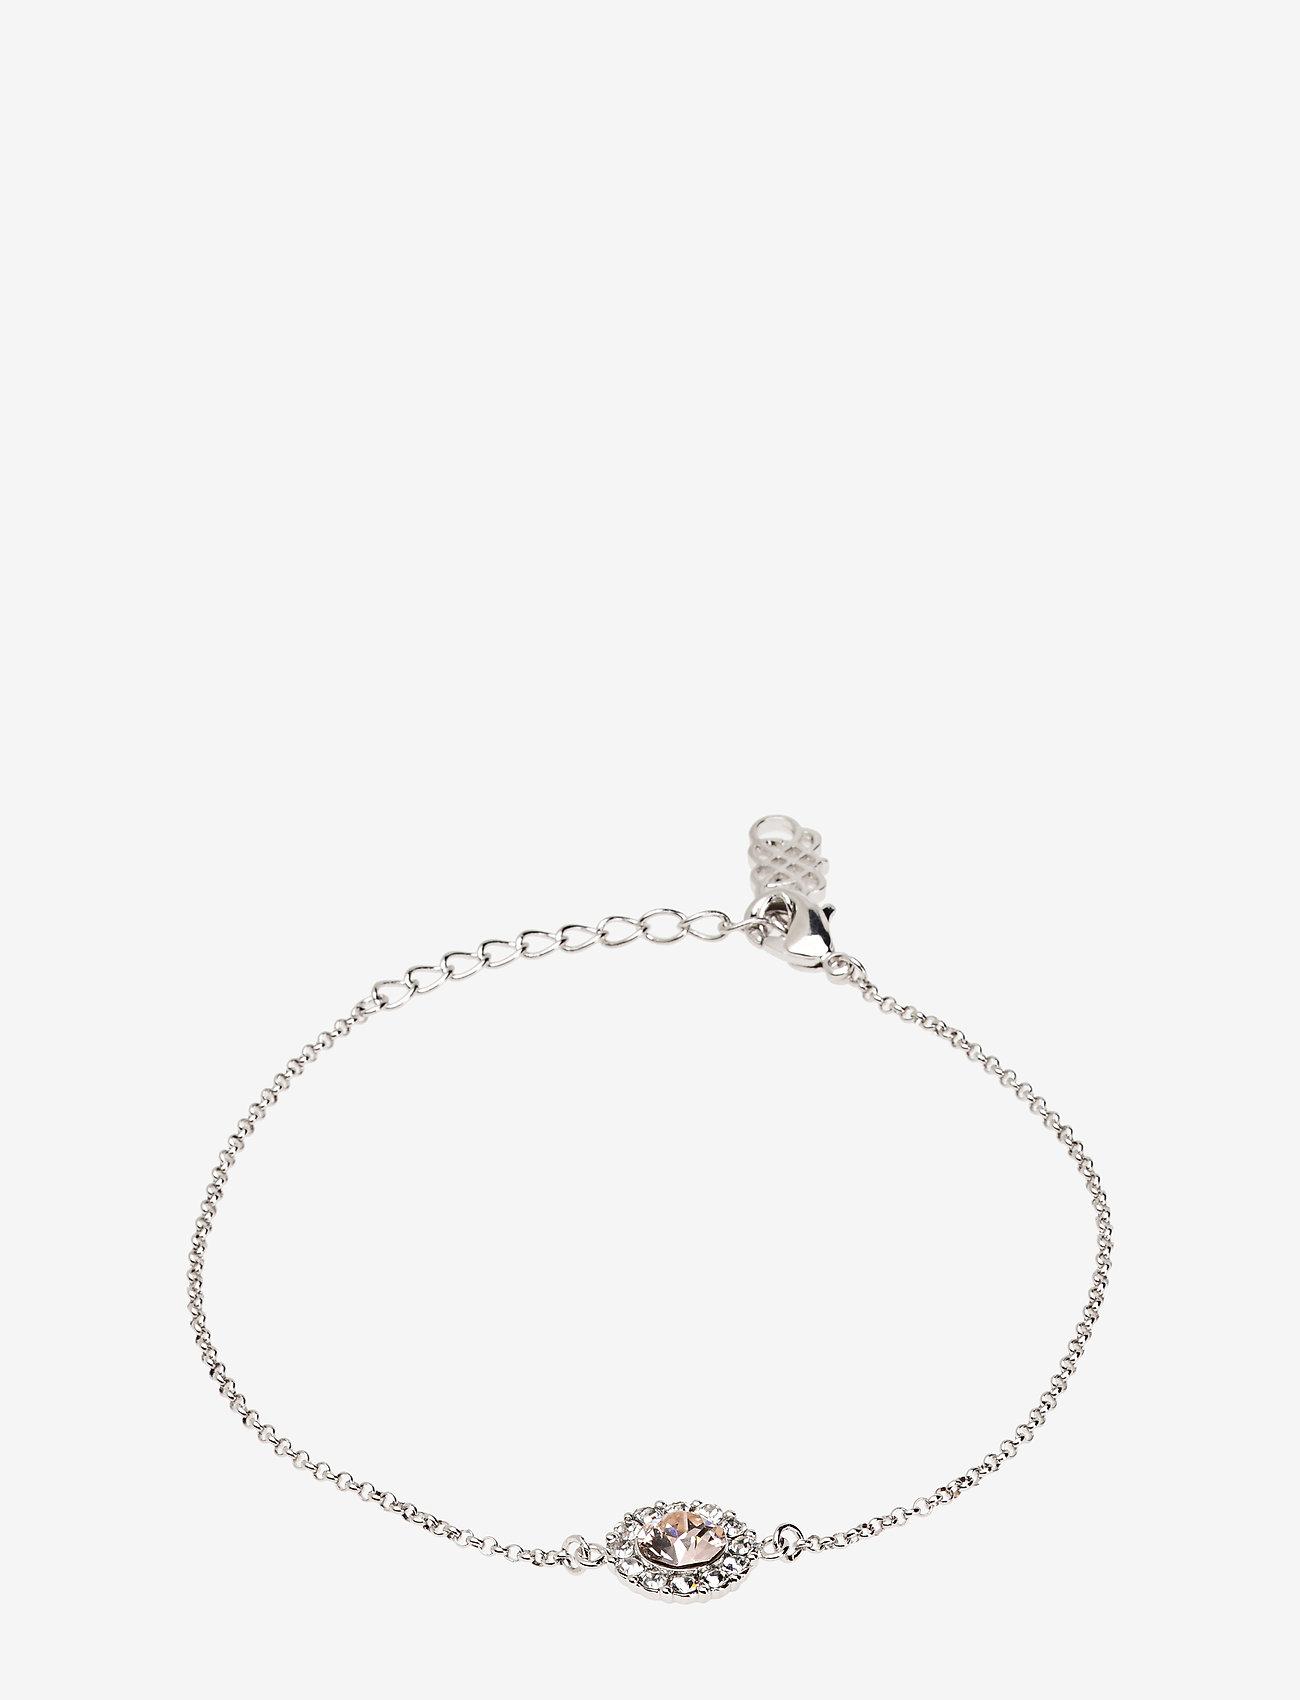 LILY AND ROSE - Celeste bracelet - Silk - dainty - silk